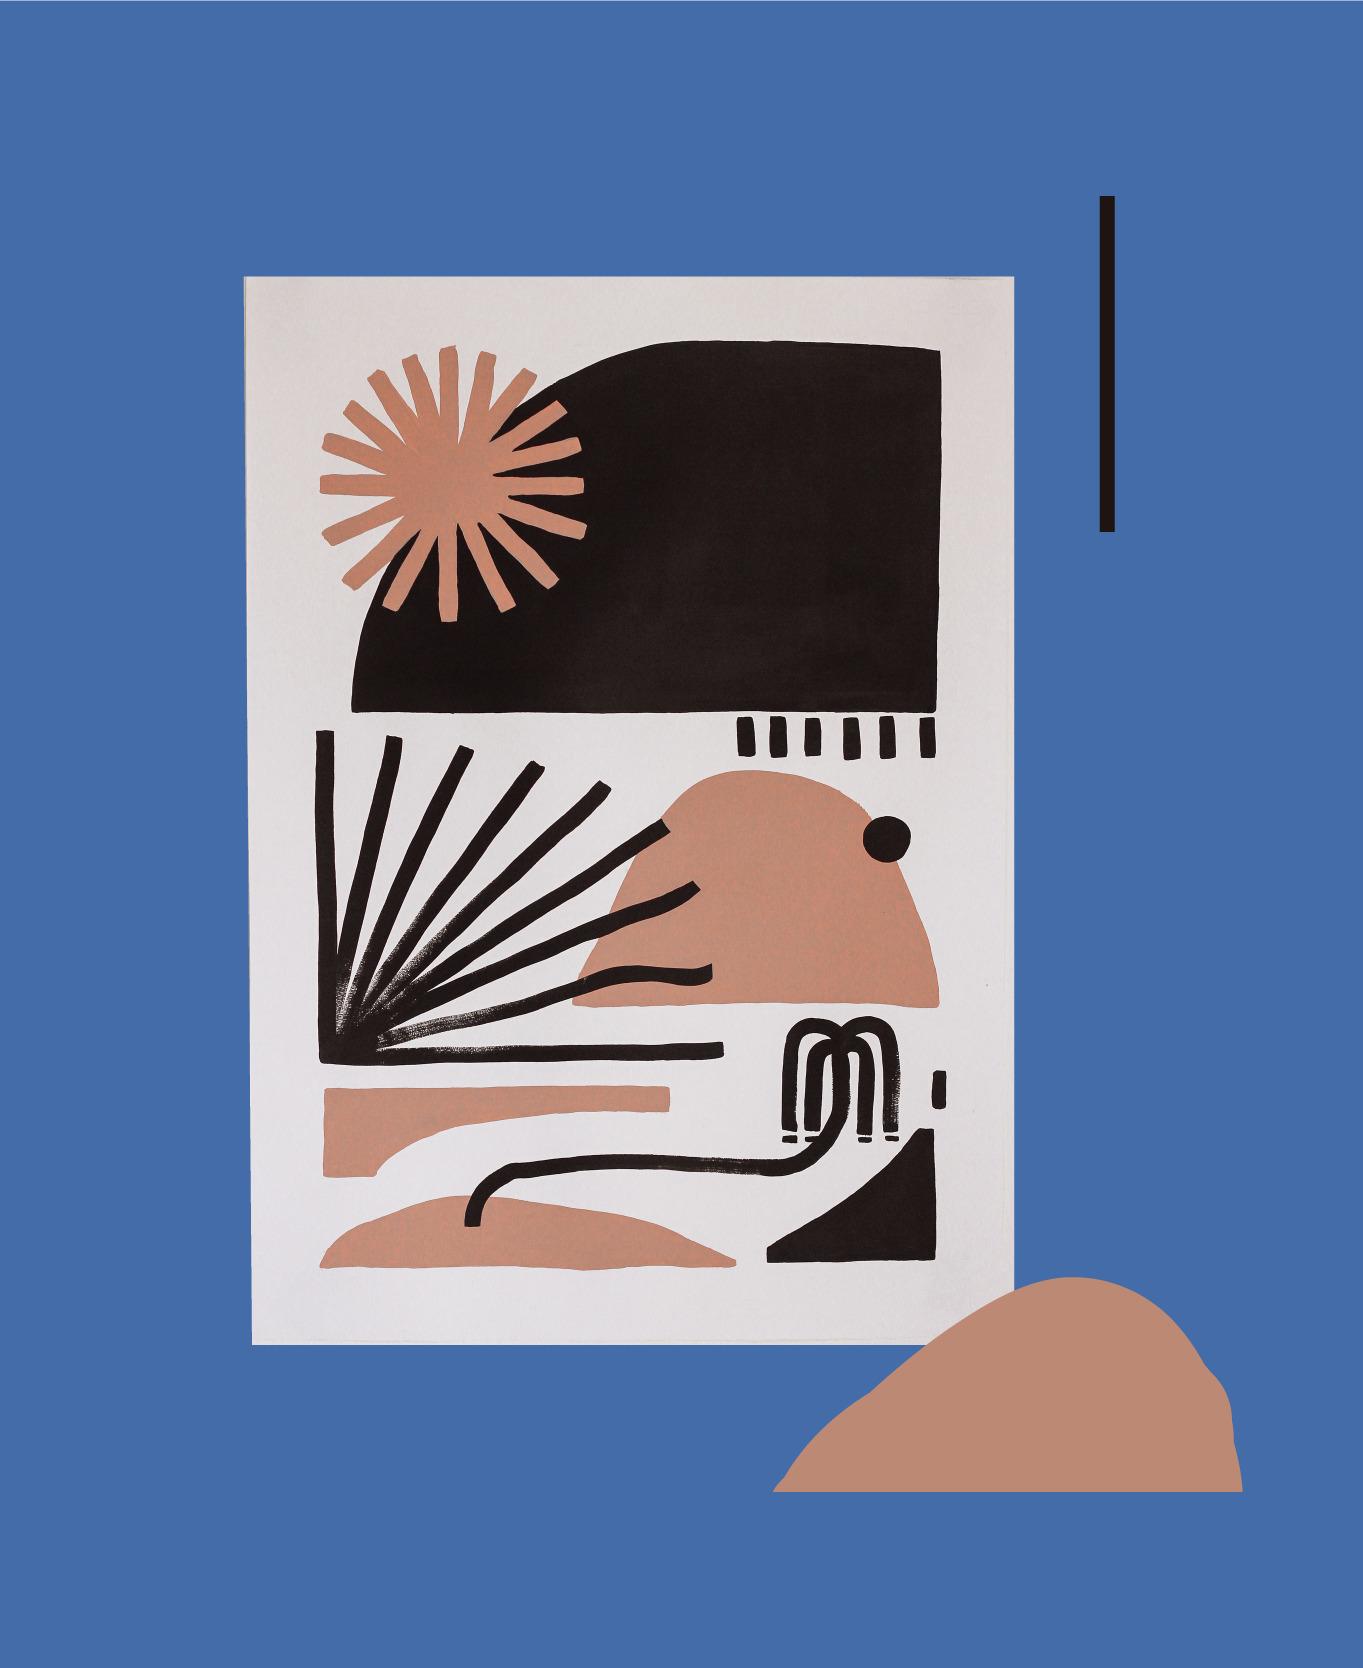 Lou, graphic designer visual ar - holalou | ello